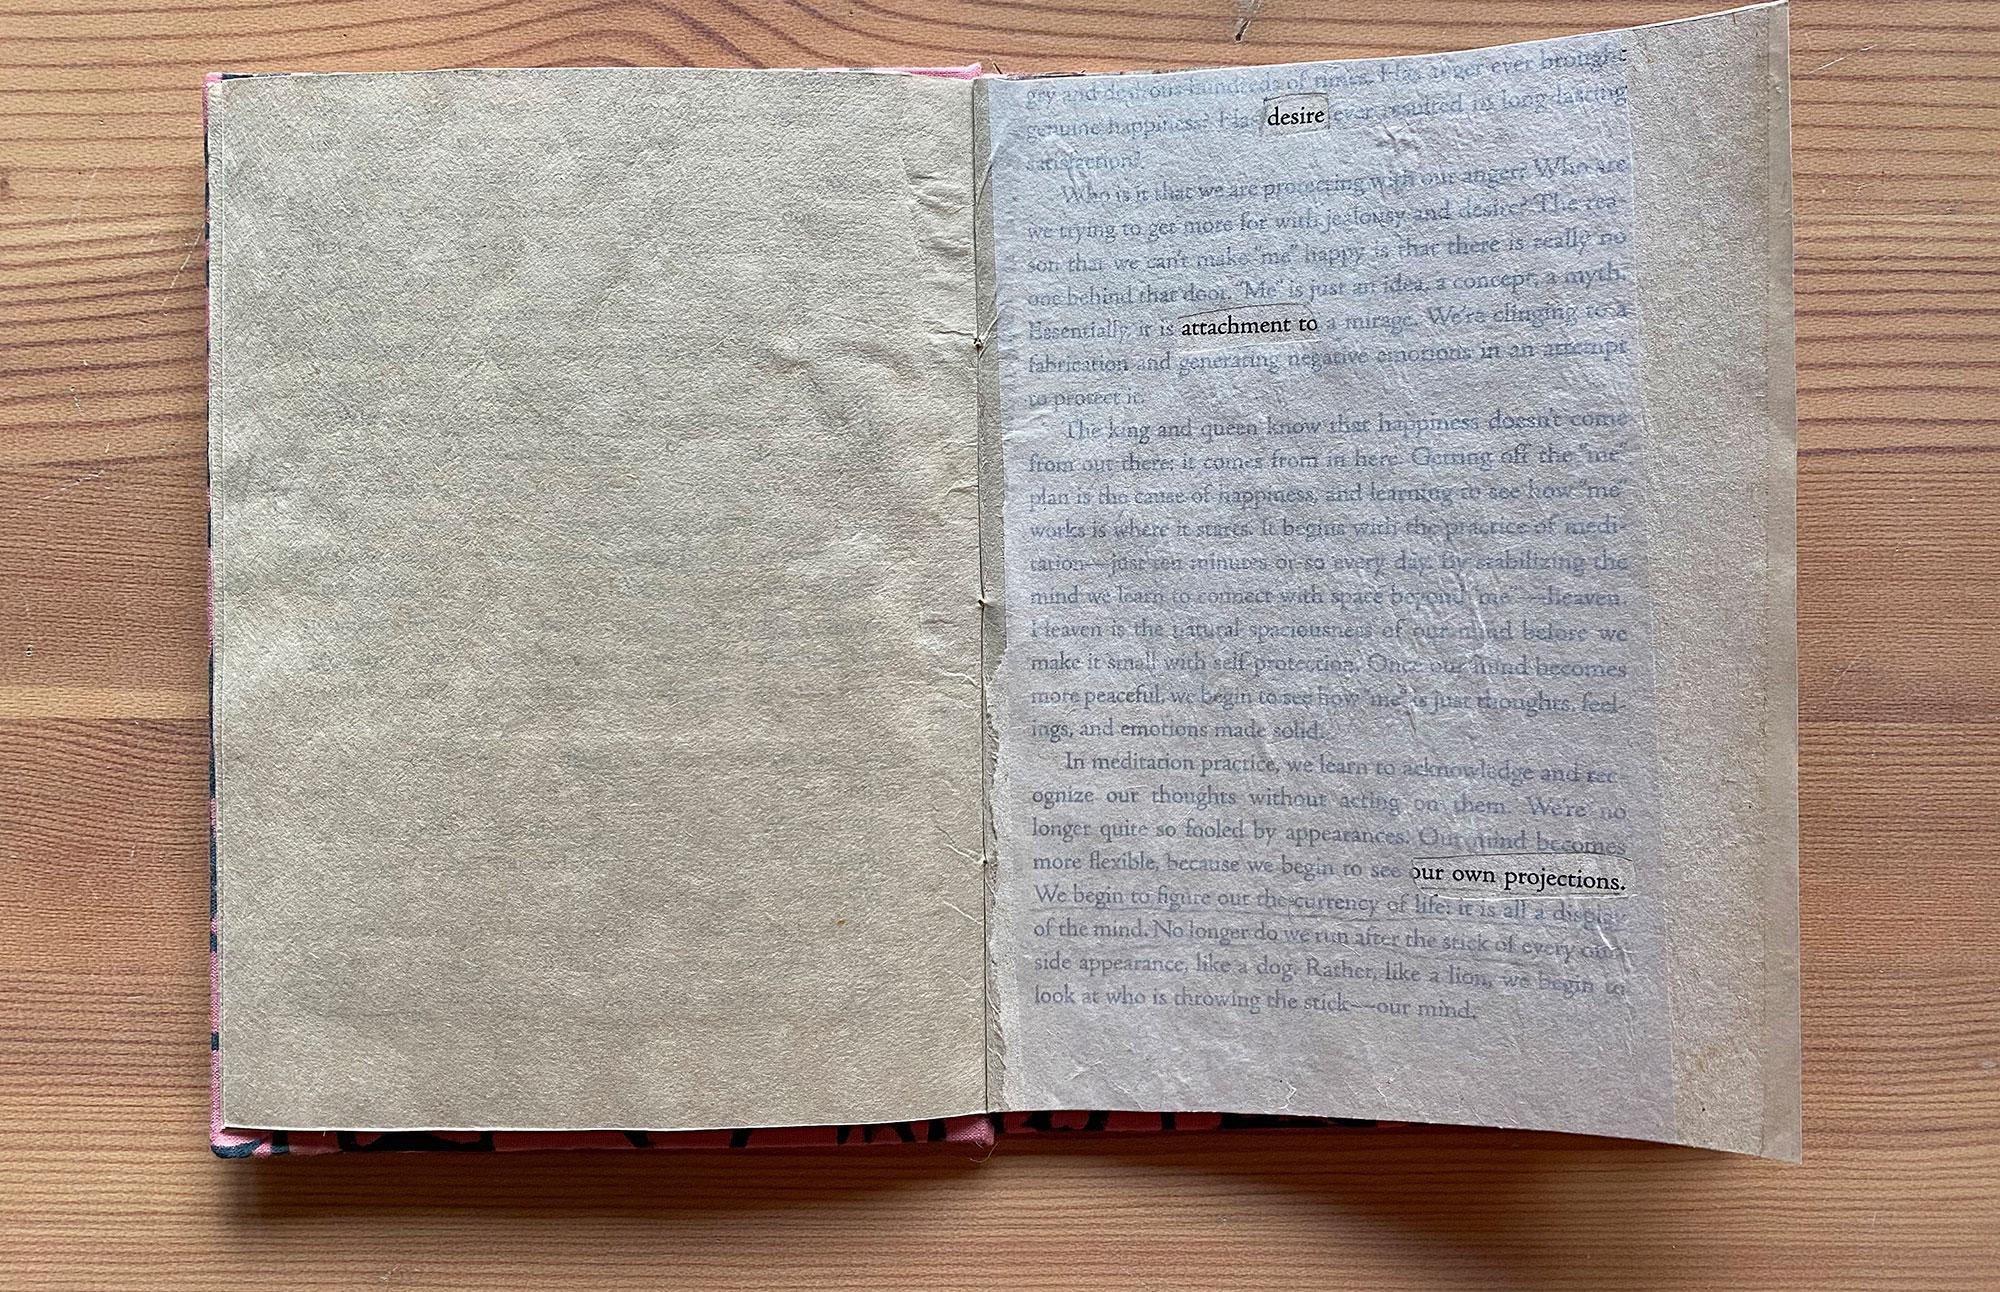 erasure book page